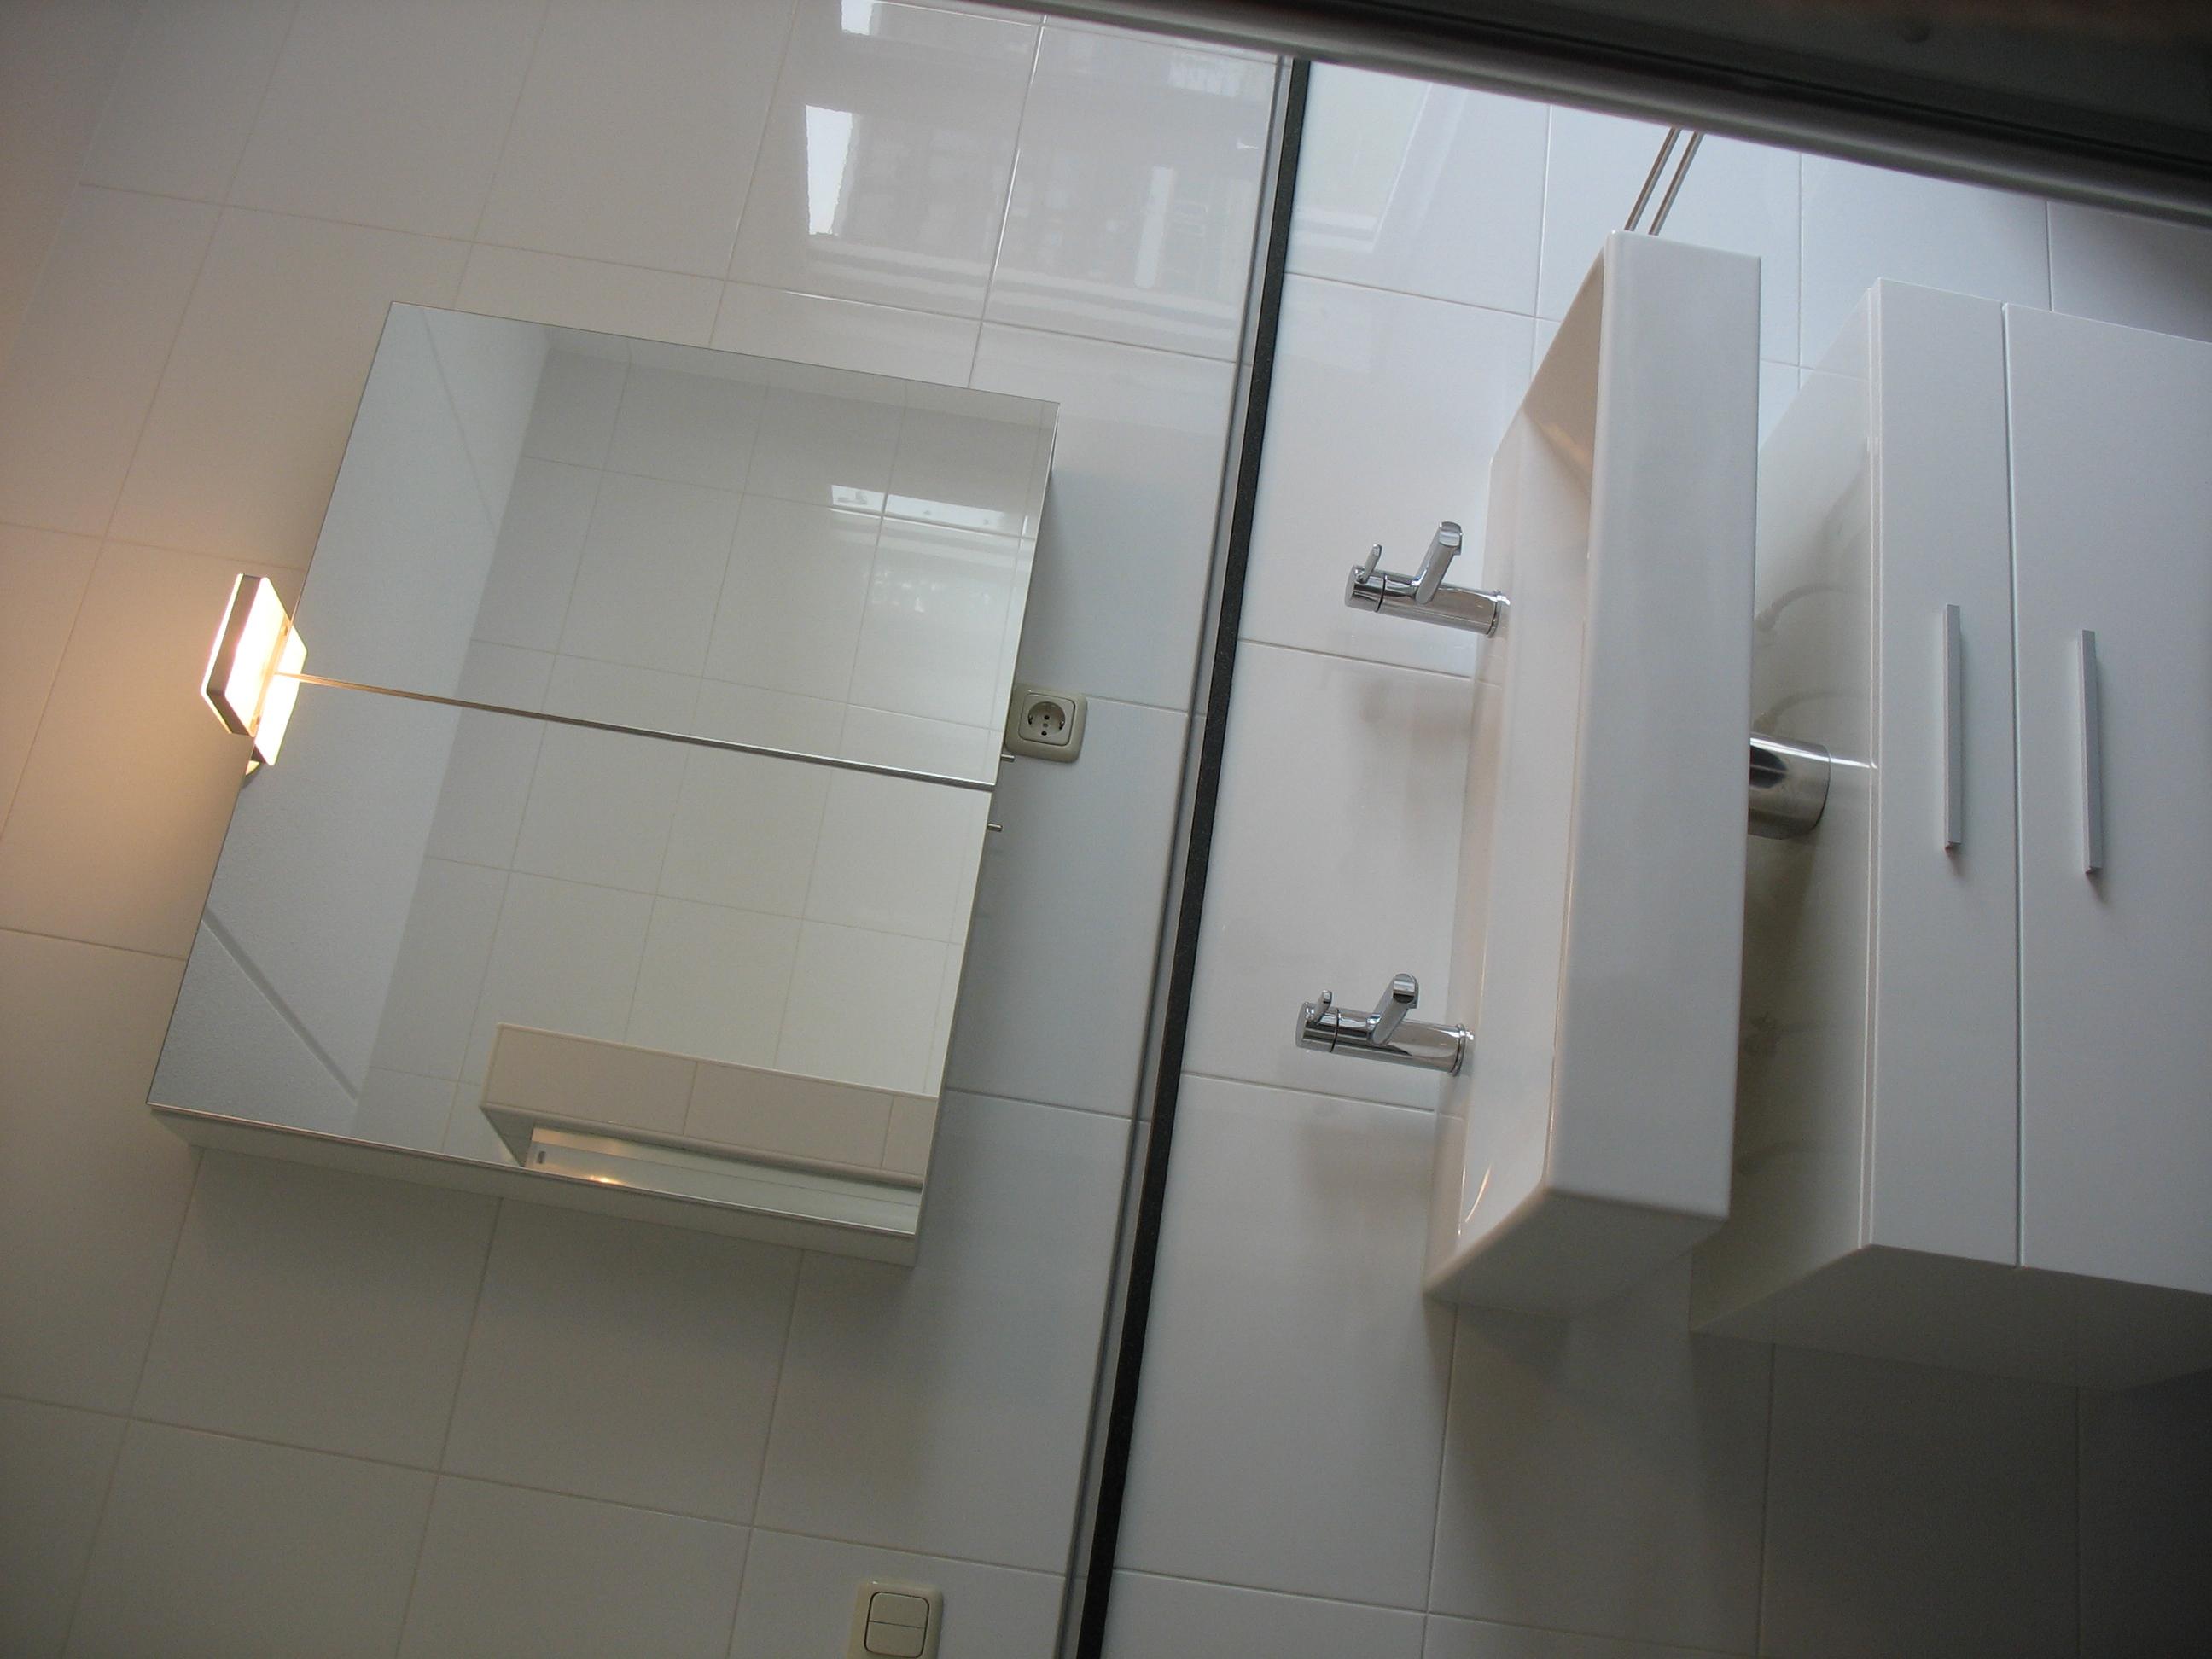 Renovatie badkamer Drachten – Hofstee Bouw – Nieuwbouw, verbouw ...